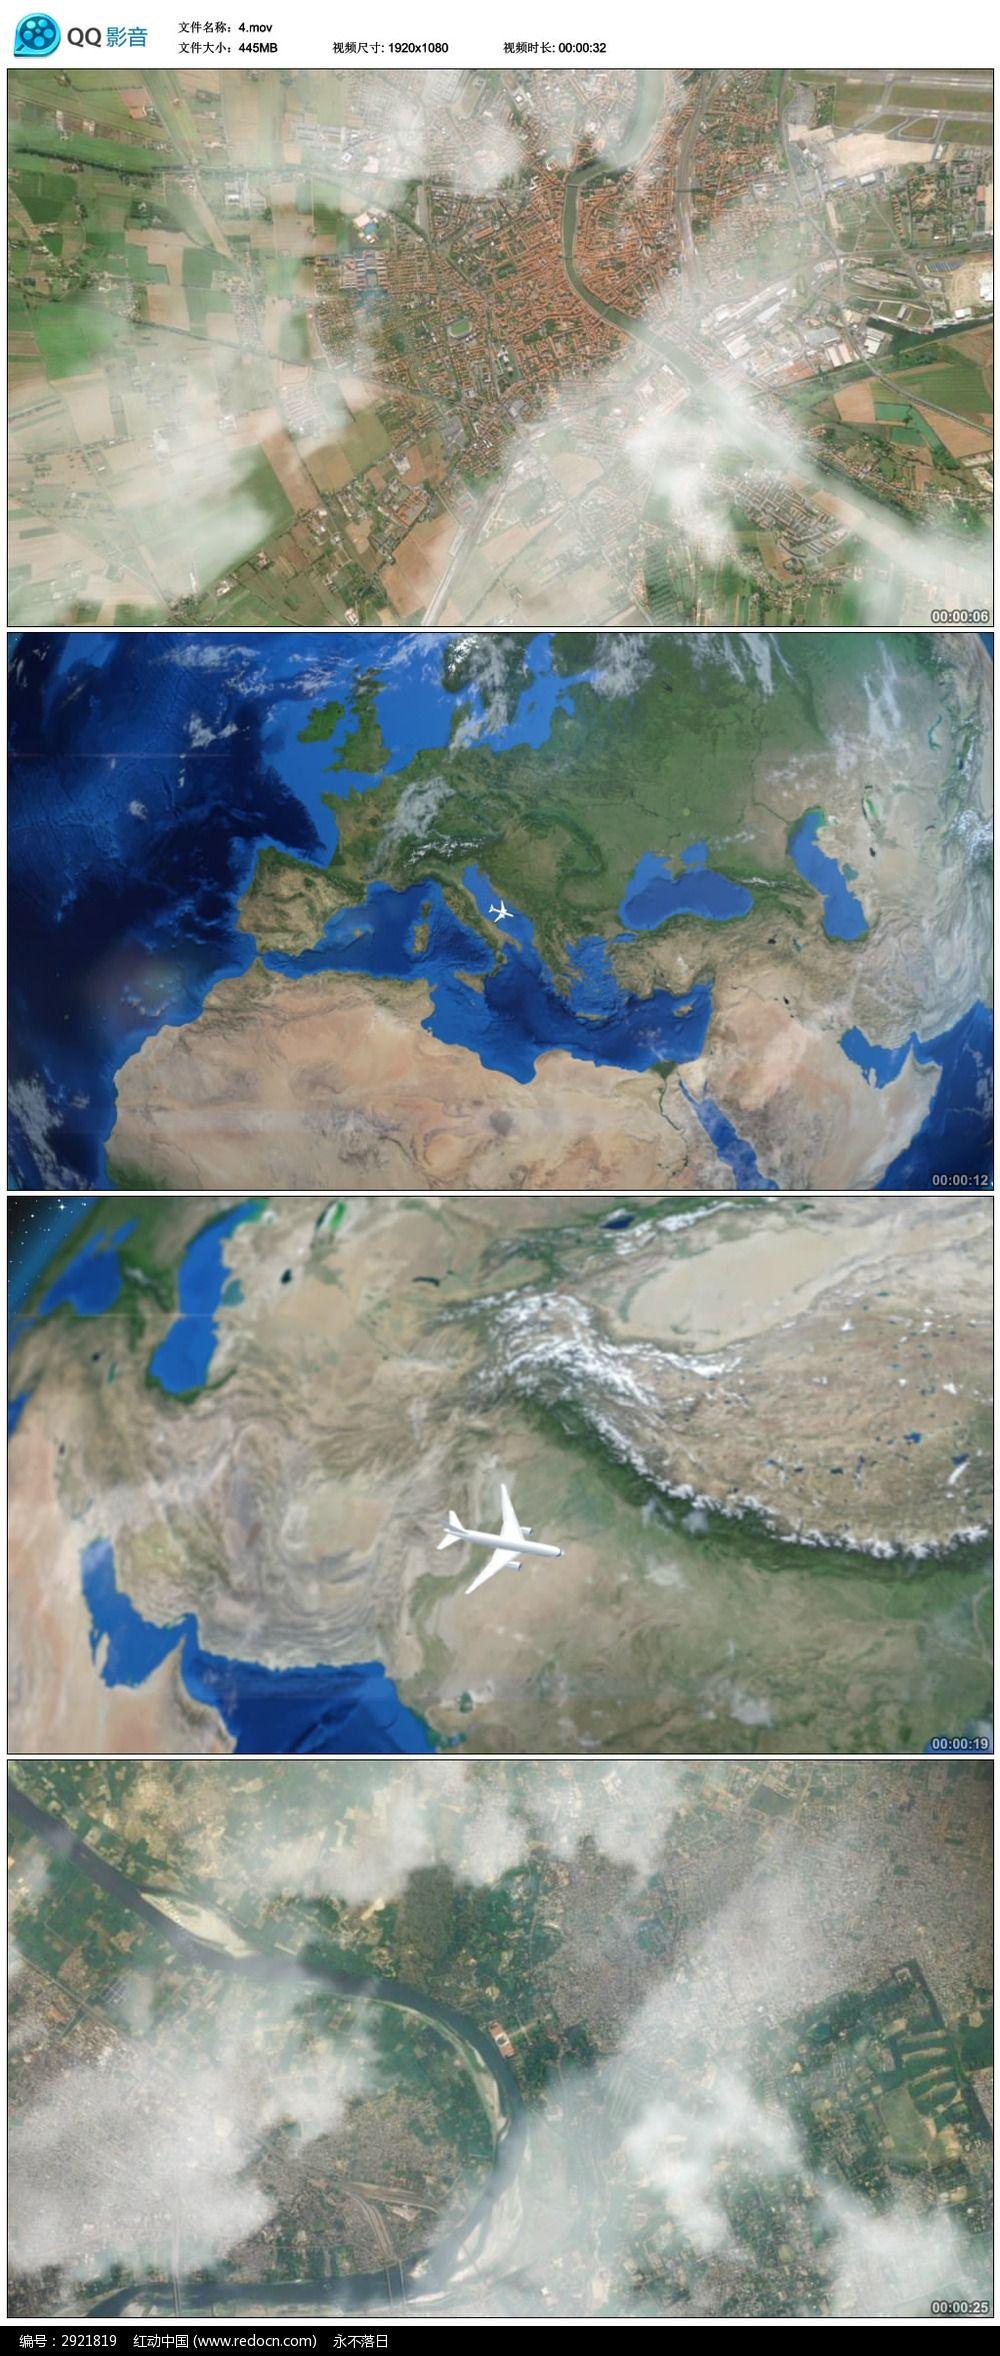 浩瀚宇宙地球旅飞机游视频素材mov素材下载_动态|特效